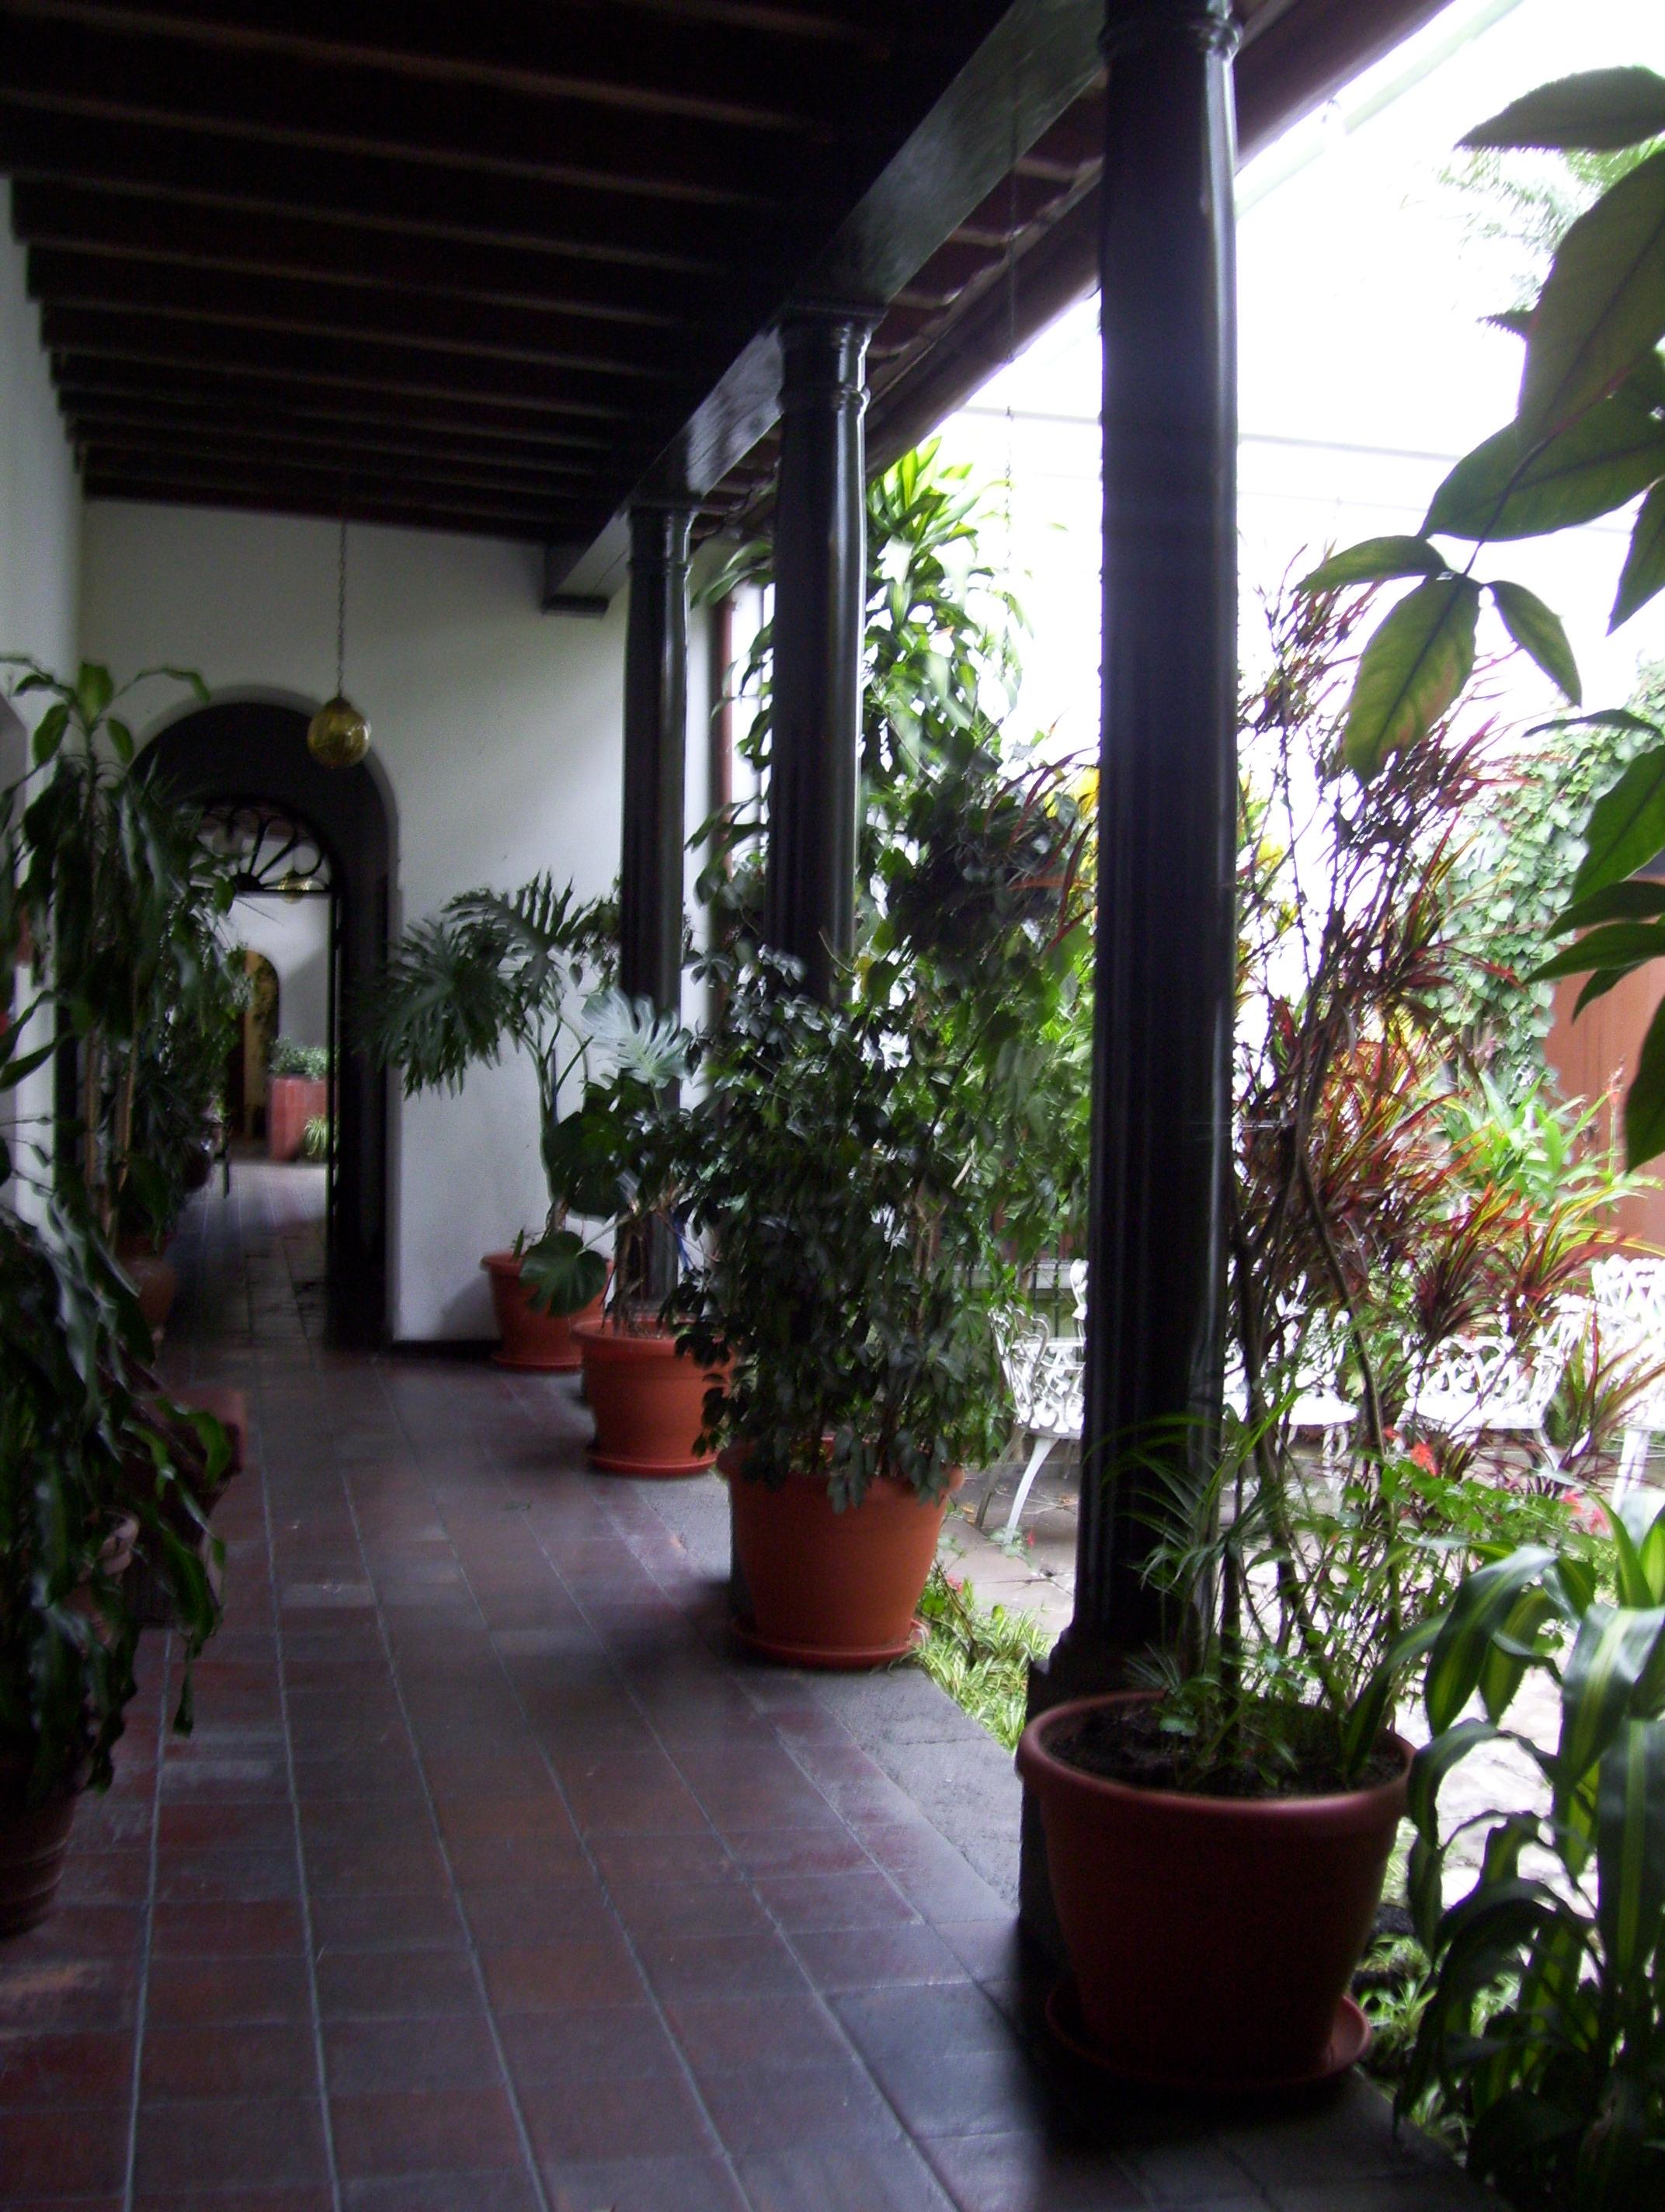 Hotel Spring, in Guatemala City